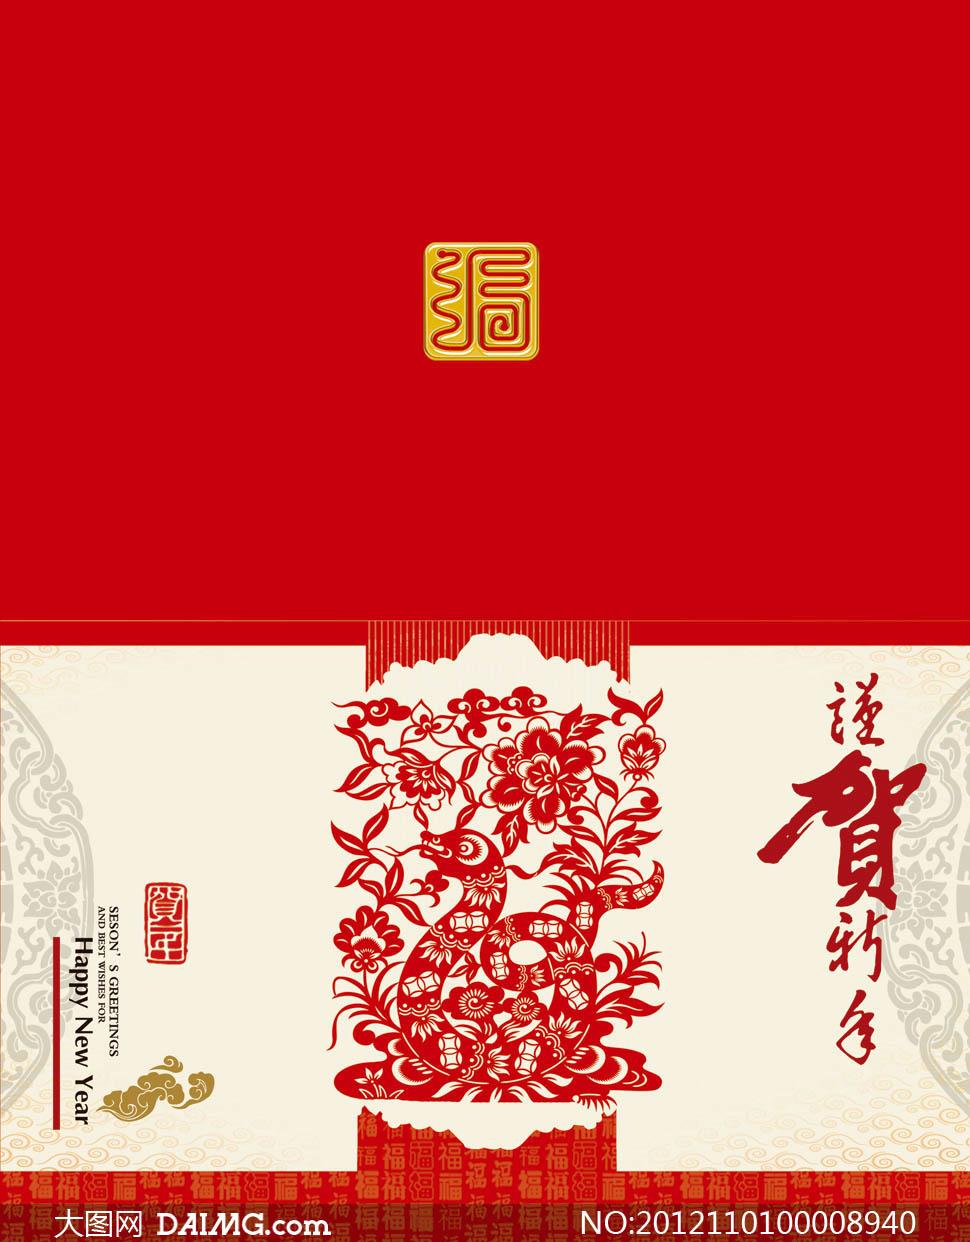 <font color=red>2013年元旦贺卡模板</font>PSD源文件 - 大图网设计